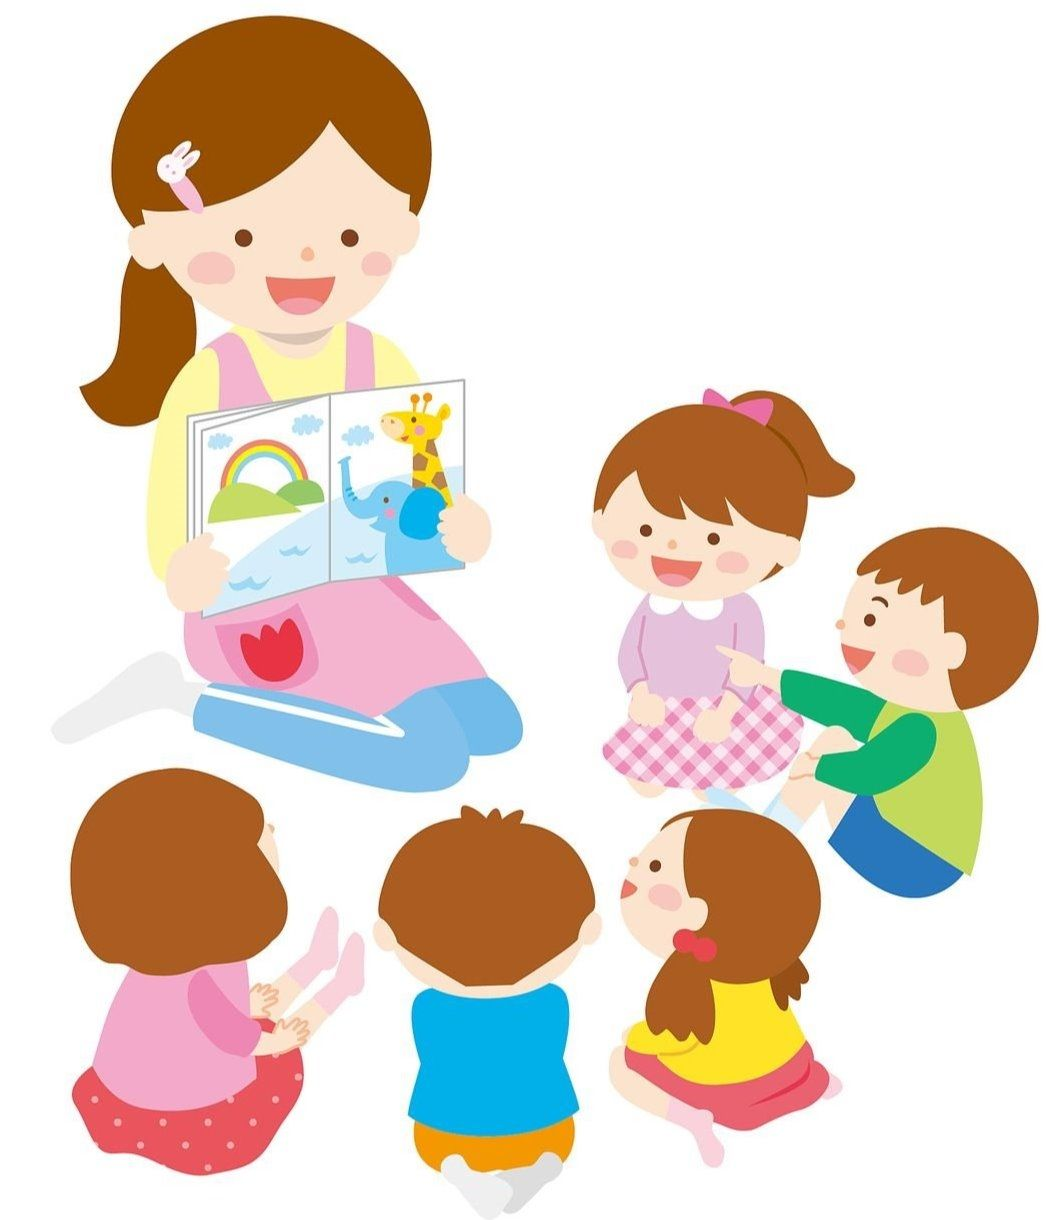 知立以内には4つの私立幼稚園があります。